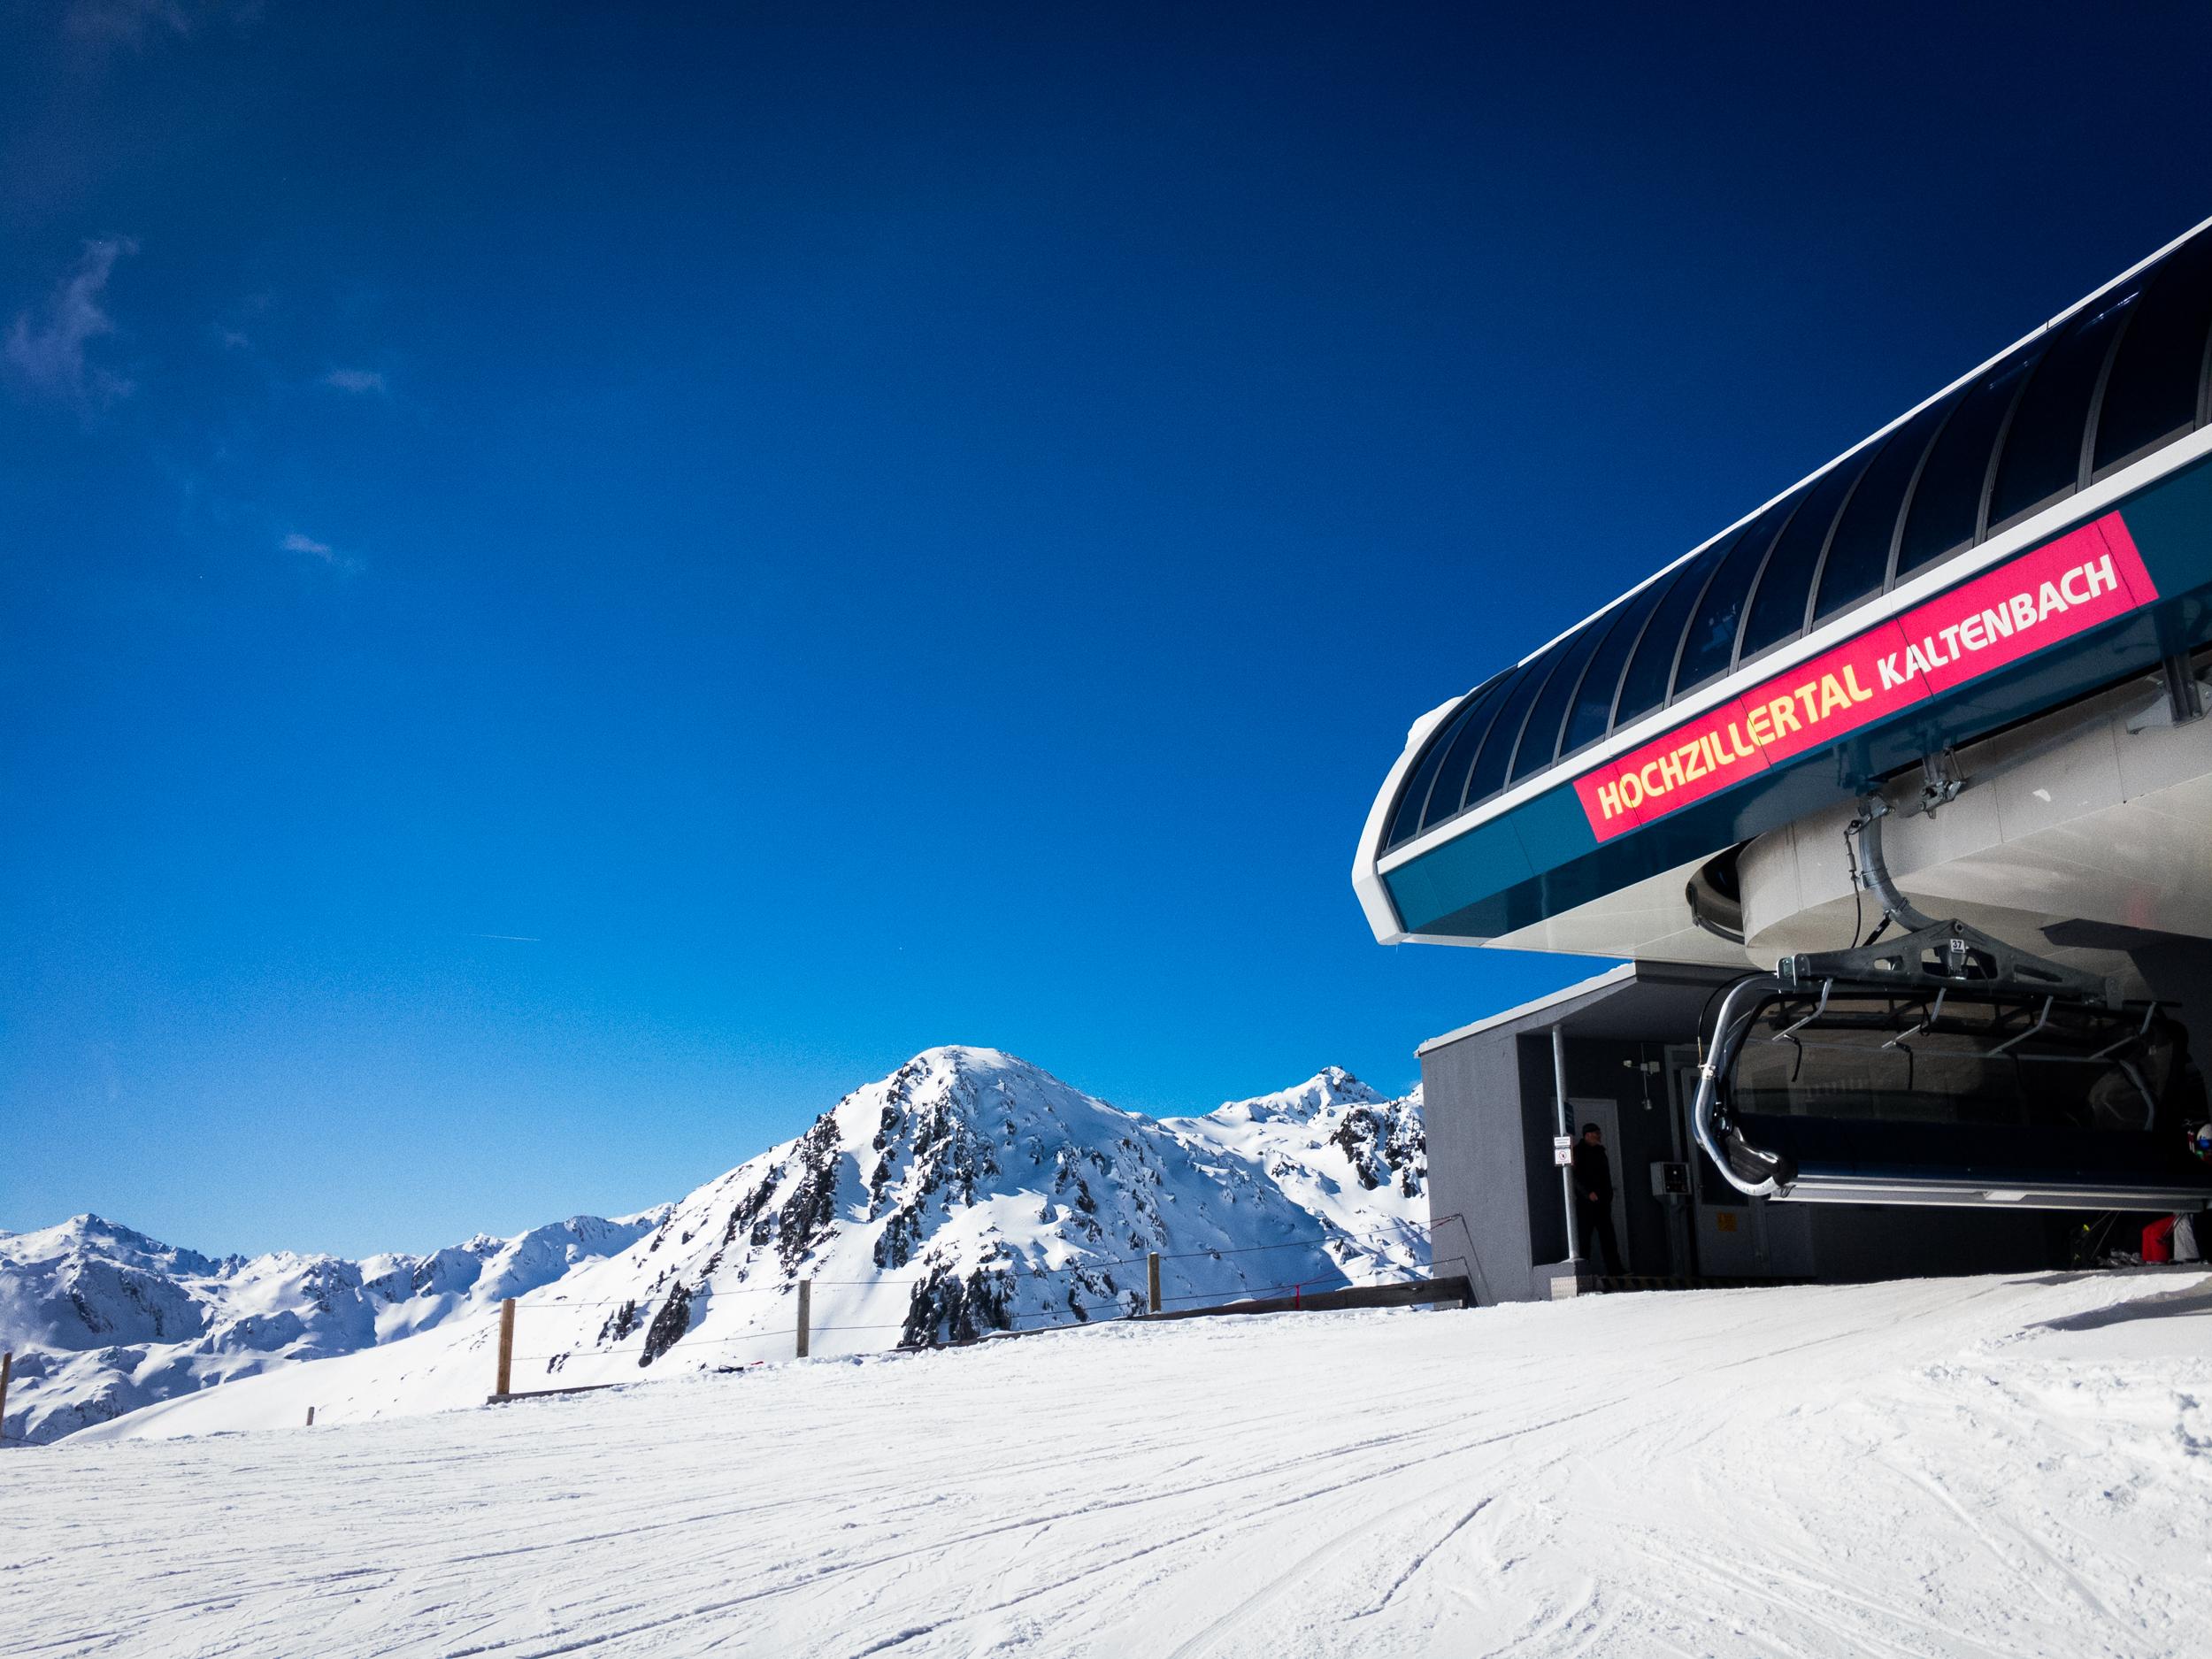 skiday 17_04.jpg